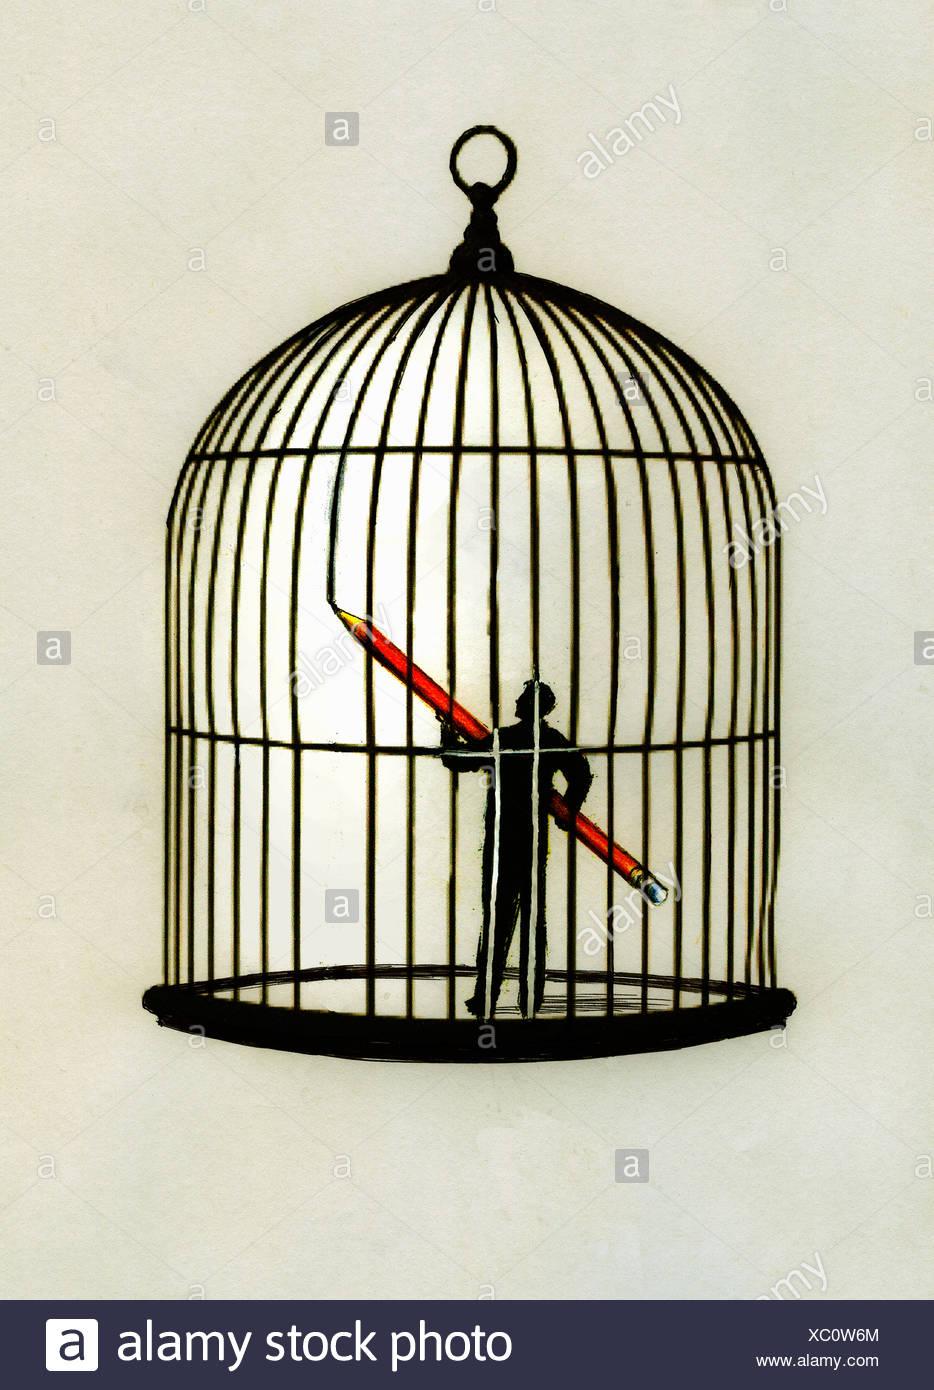 Mann im Inneren Vogelkäfig Stockbild